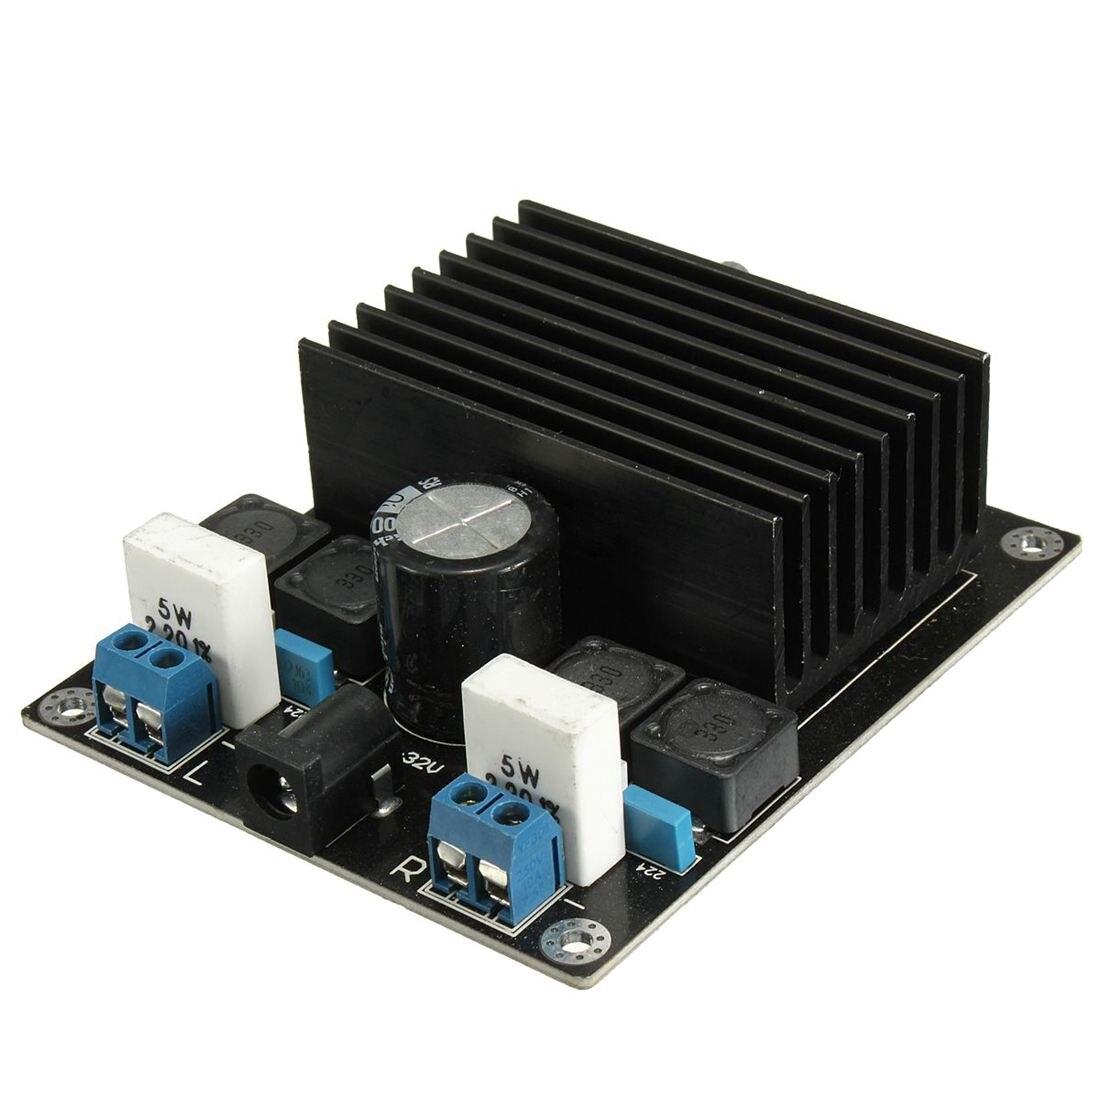 100 w + 100 w amplificador tda7498 classe d amp subwoofer montado placa módulo diy